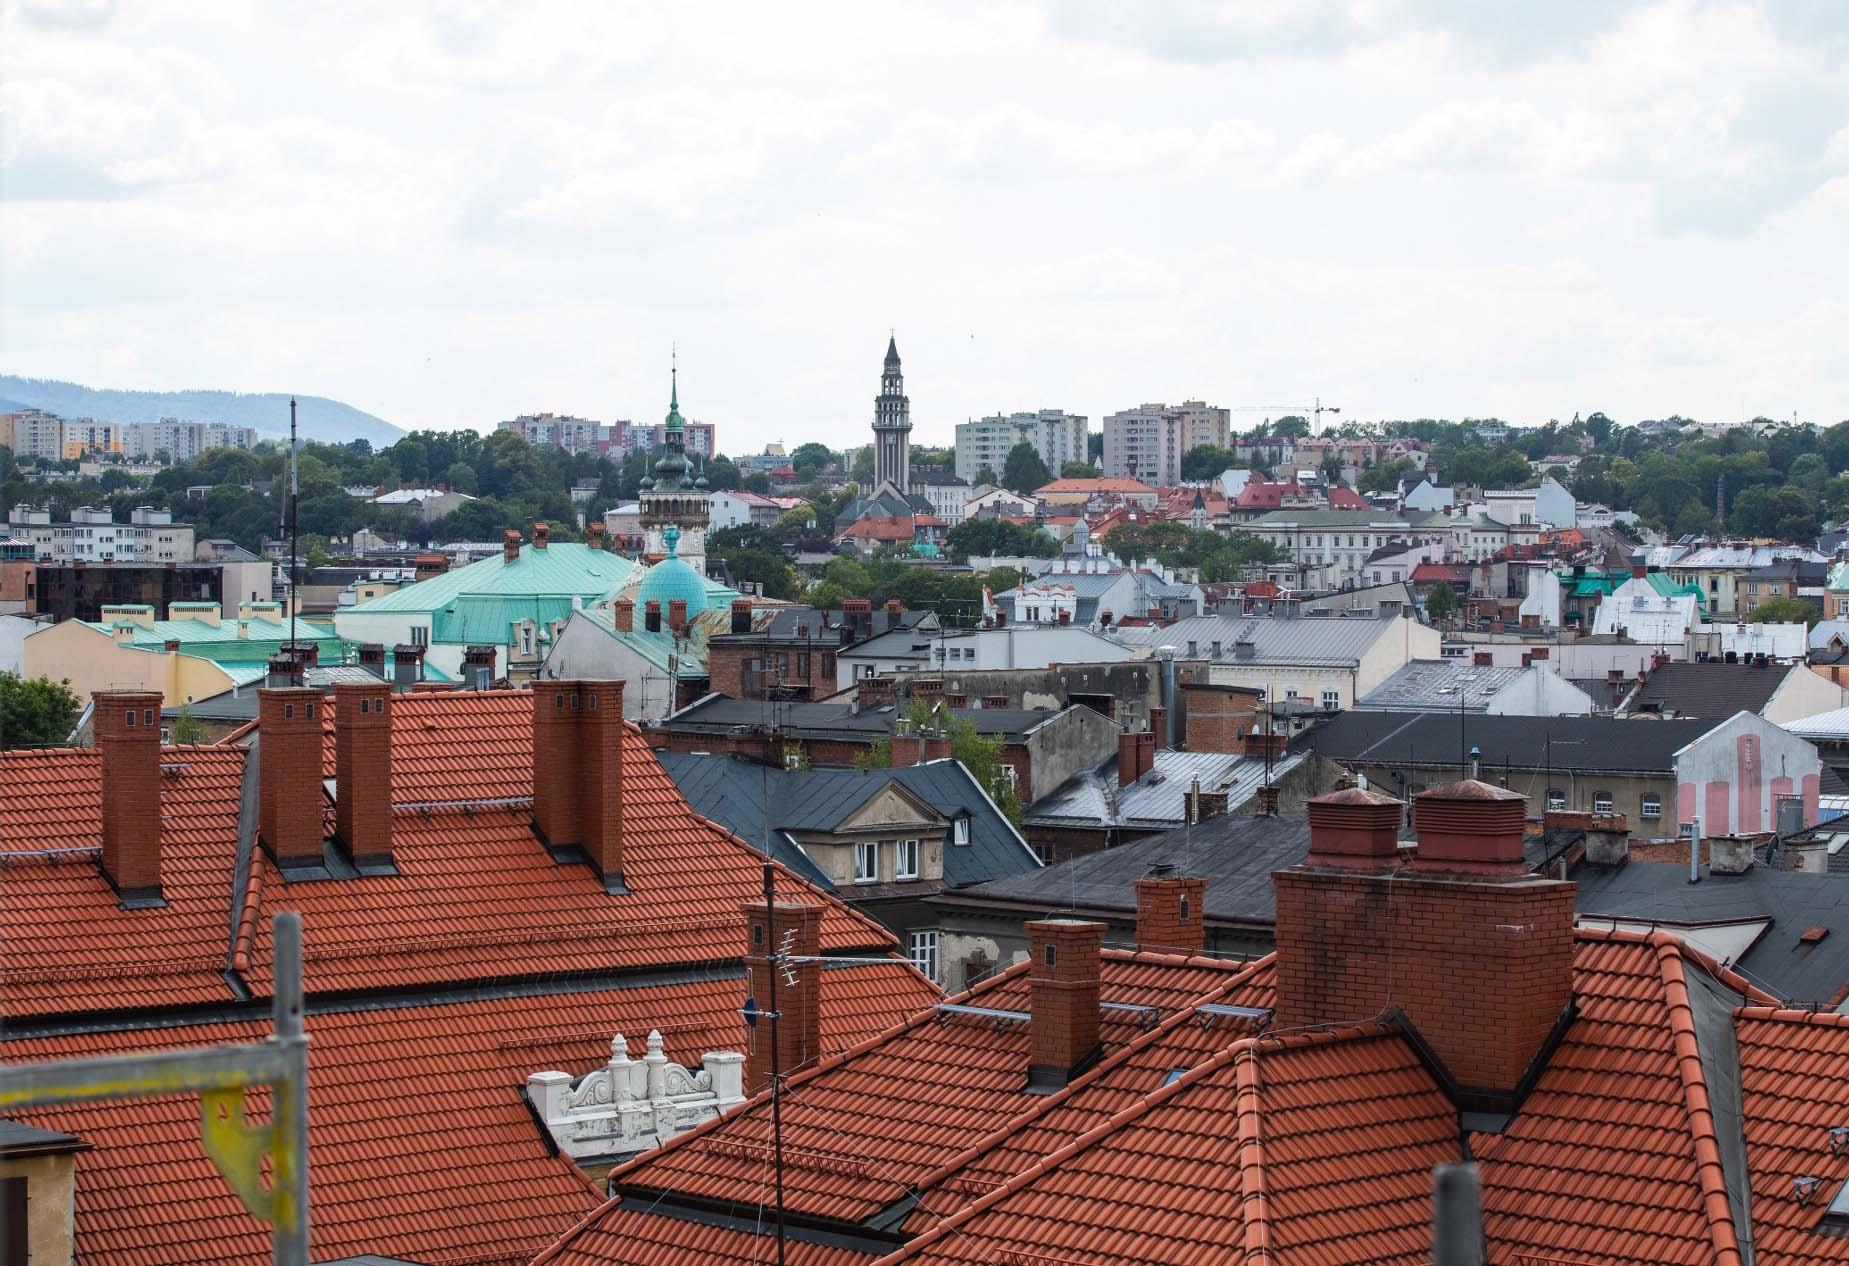 Zwolnienia z podatku od nieruchomości w Bielsku-Białej